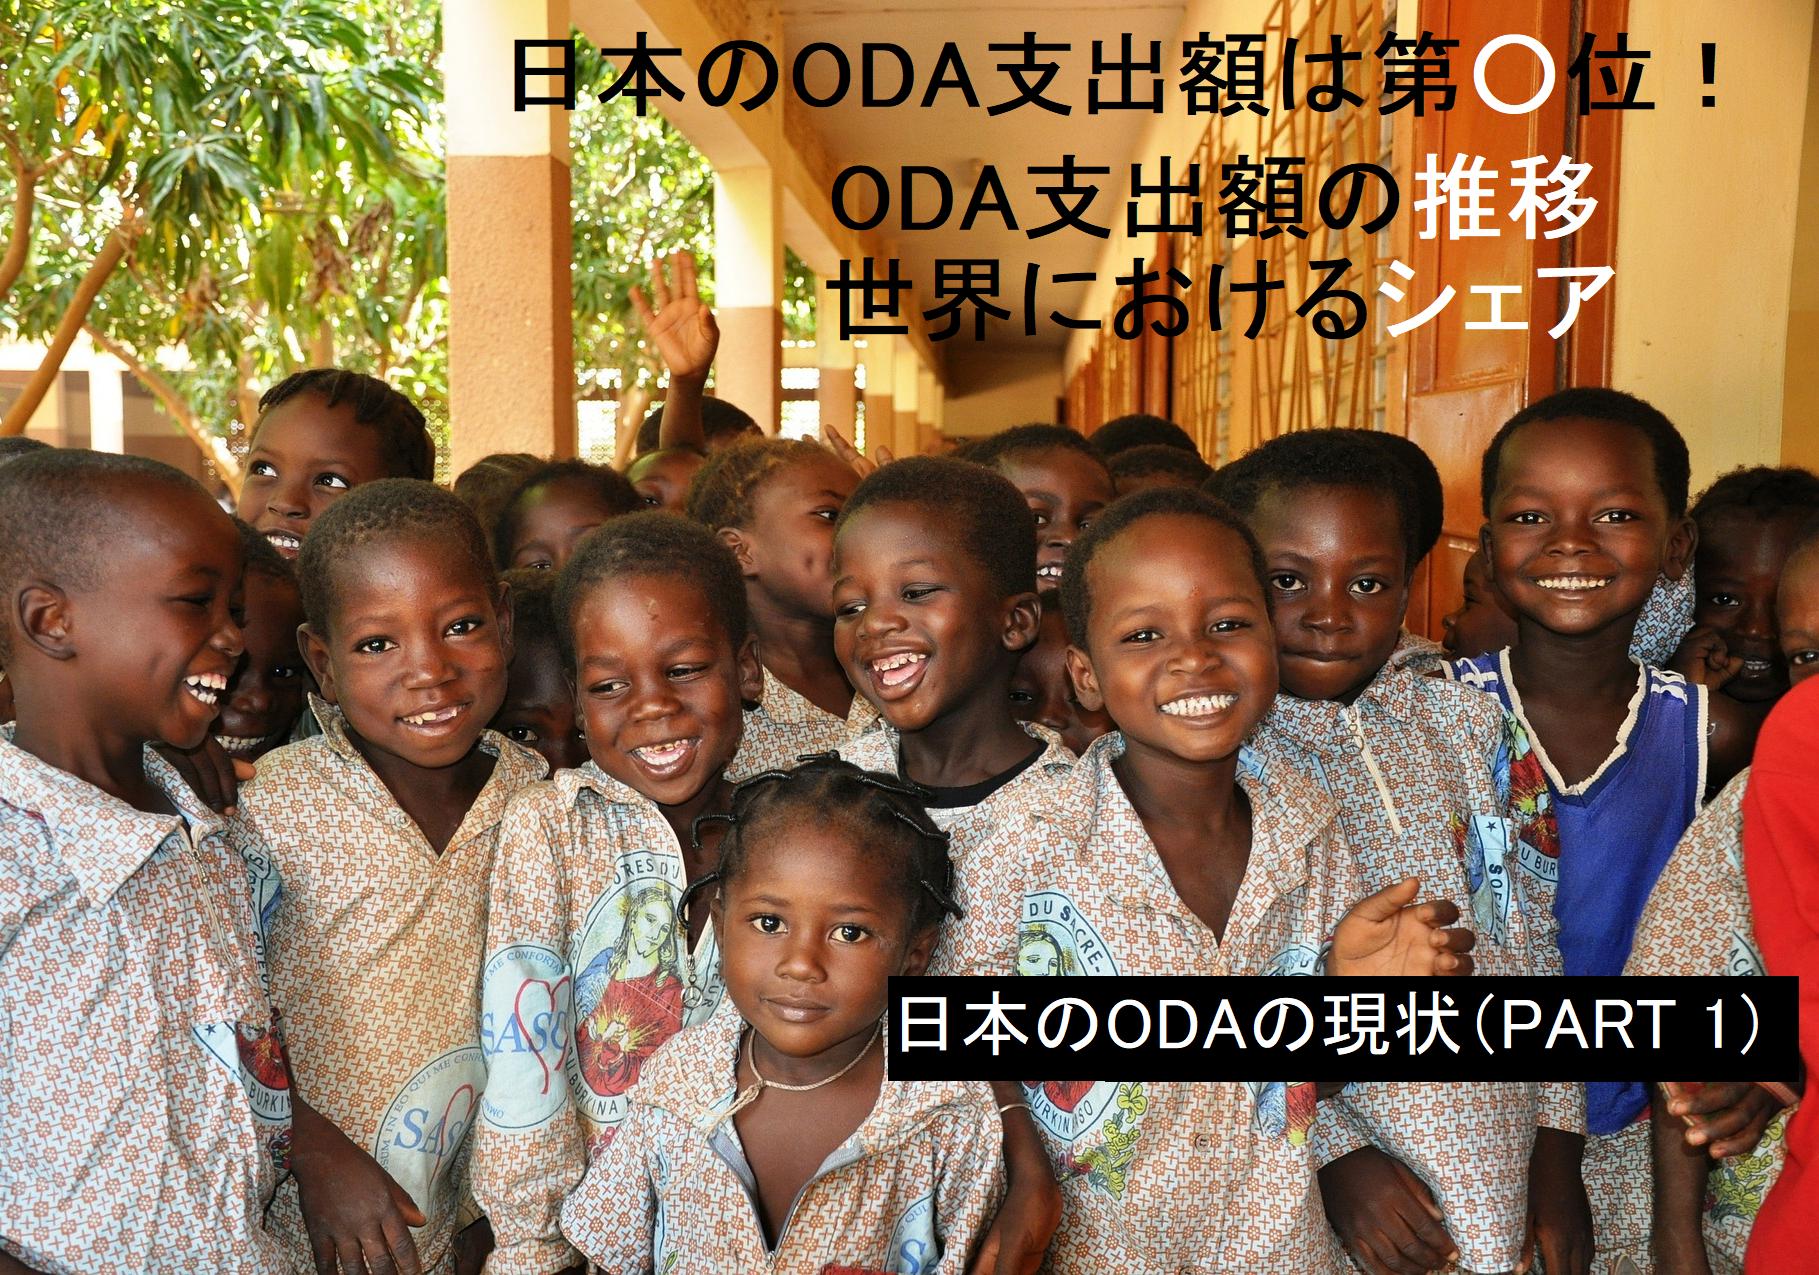 【5分で分かる】日本のODA支出額は世界で第○位!最近の推移・動向、世界に占めるシェアまでを簡単に解説(日本のODAの現状PART 1)